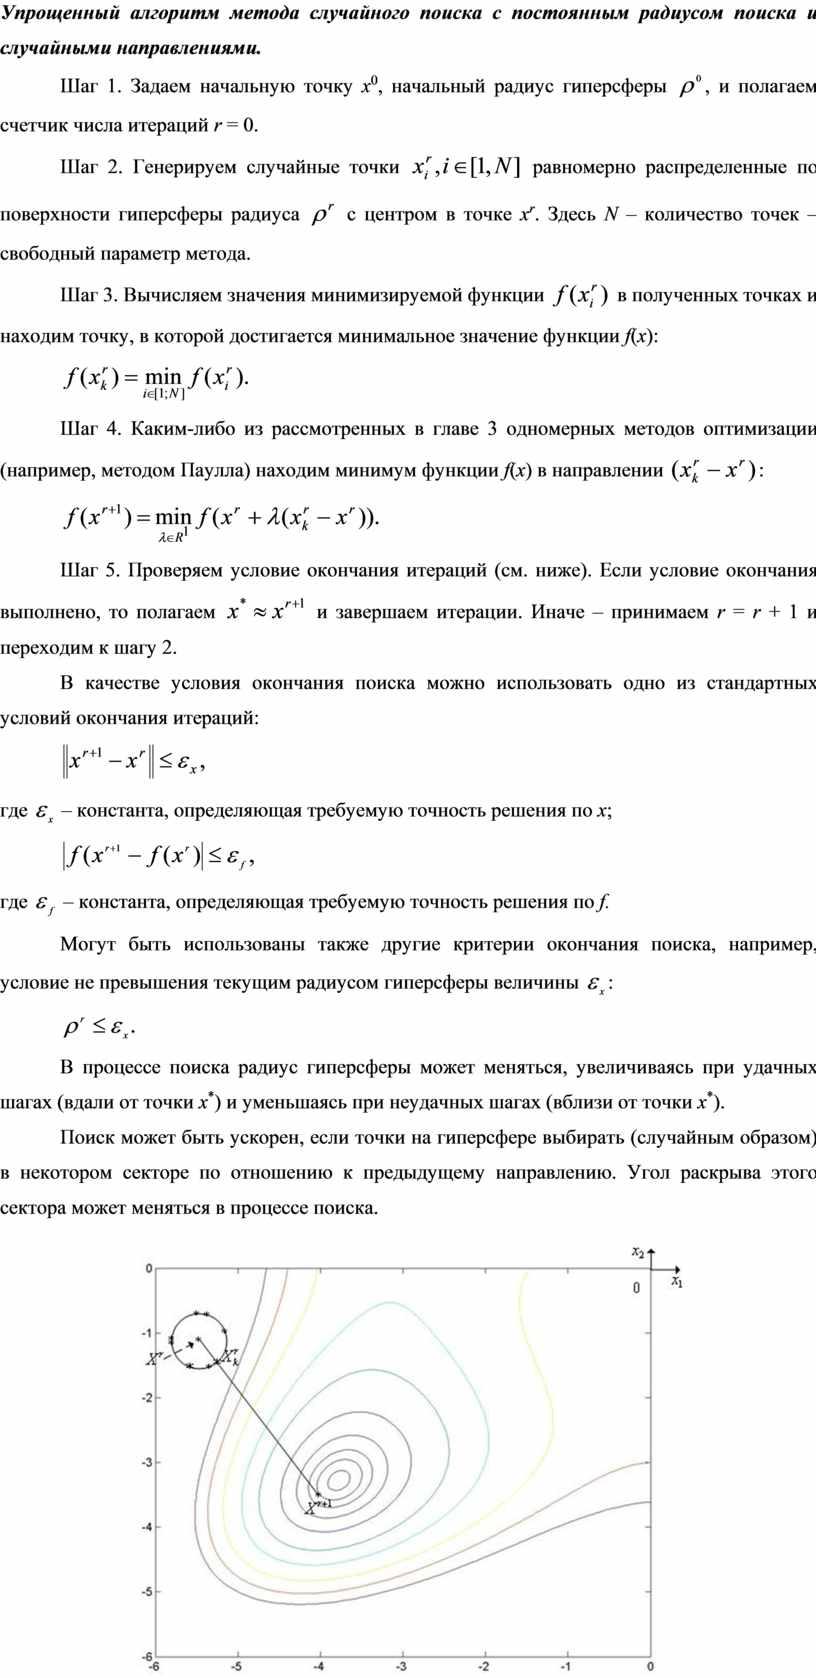 Упрощенный алгоритм метода случайного поиска с постоянным радиусом поиска и случайными направлениями